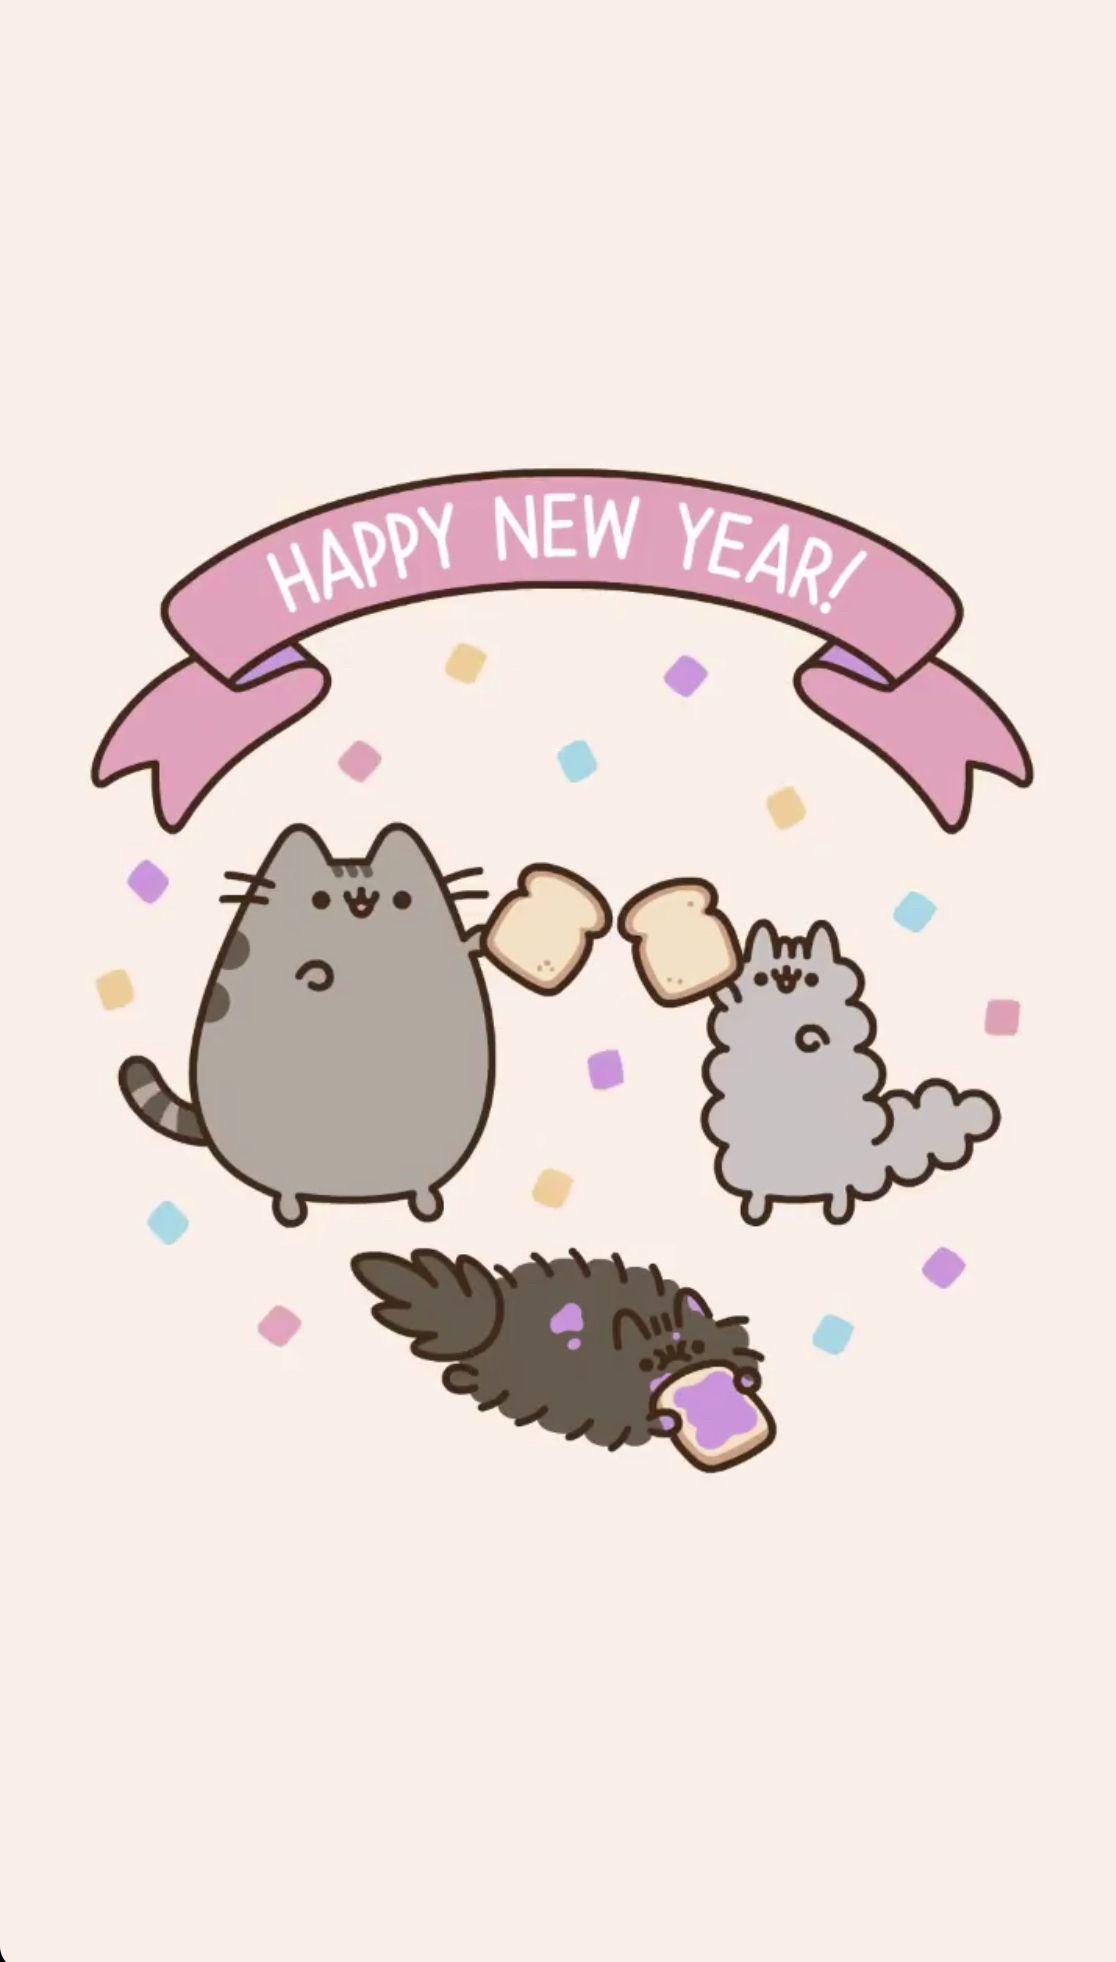 Happy New Year Pusheen Wallpaper Pusheen Cat Pusheen Cute Cat Wallpaper